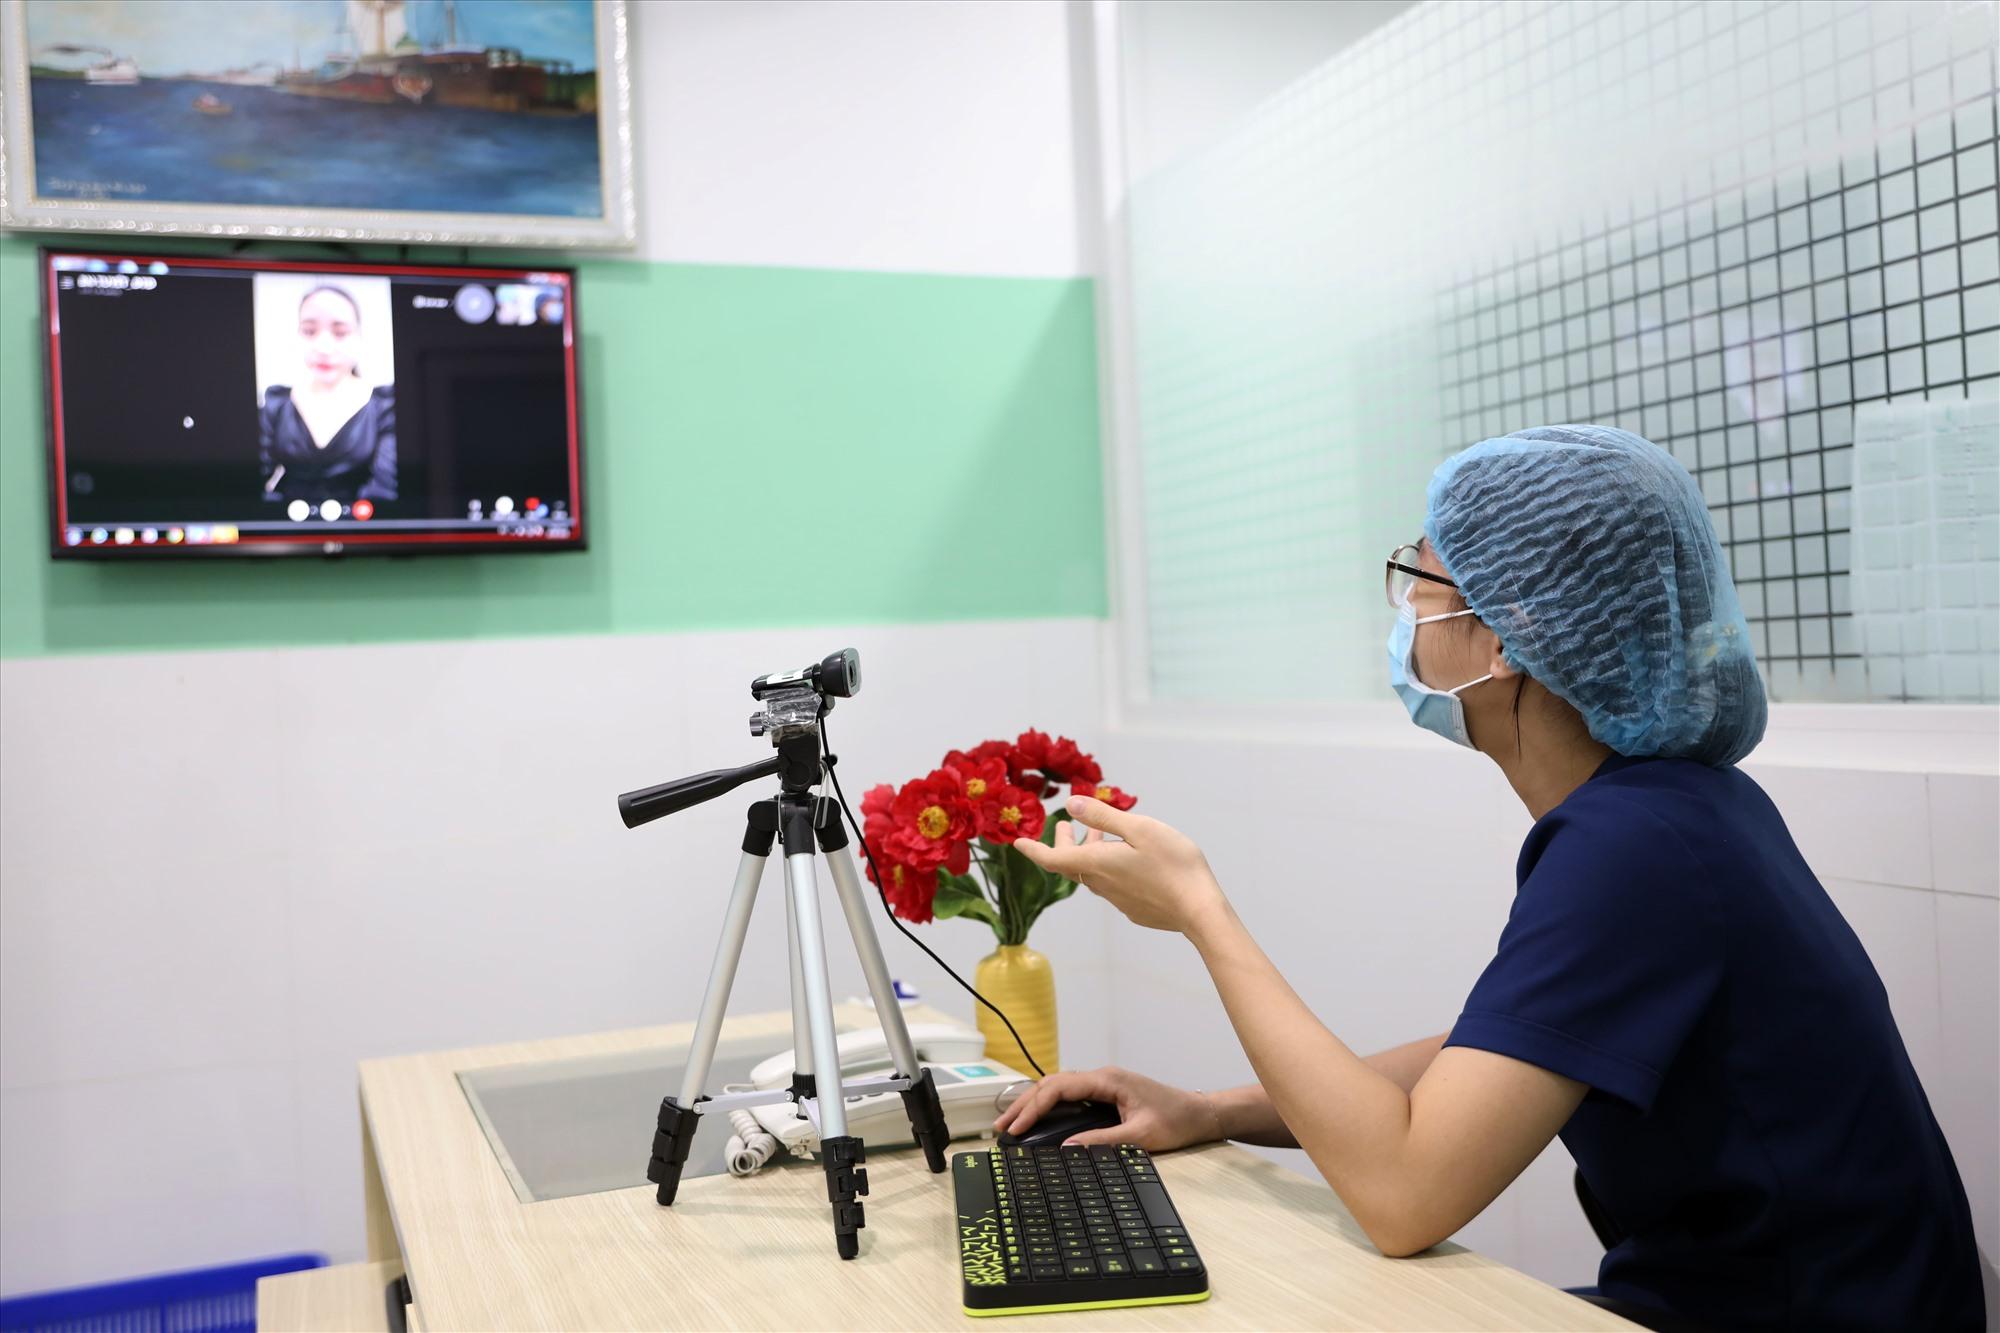 Chương trình tư vấn sức khỏe online của Bệnh viện Đa khoa Gia Đình mang ý nghĩa tích cực trong thời điẻm dịch Covid-19 phức tạp hiện nay.